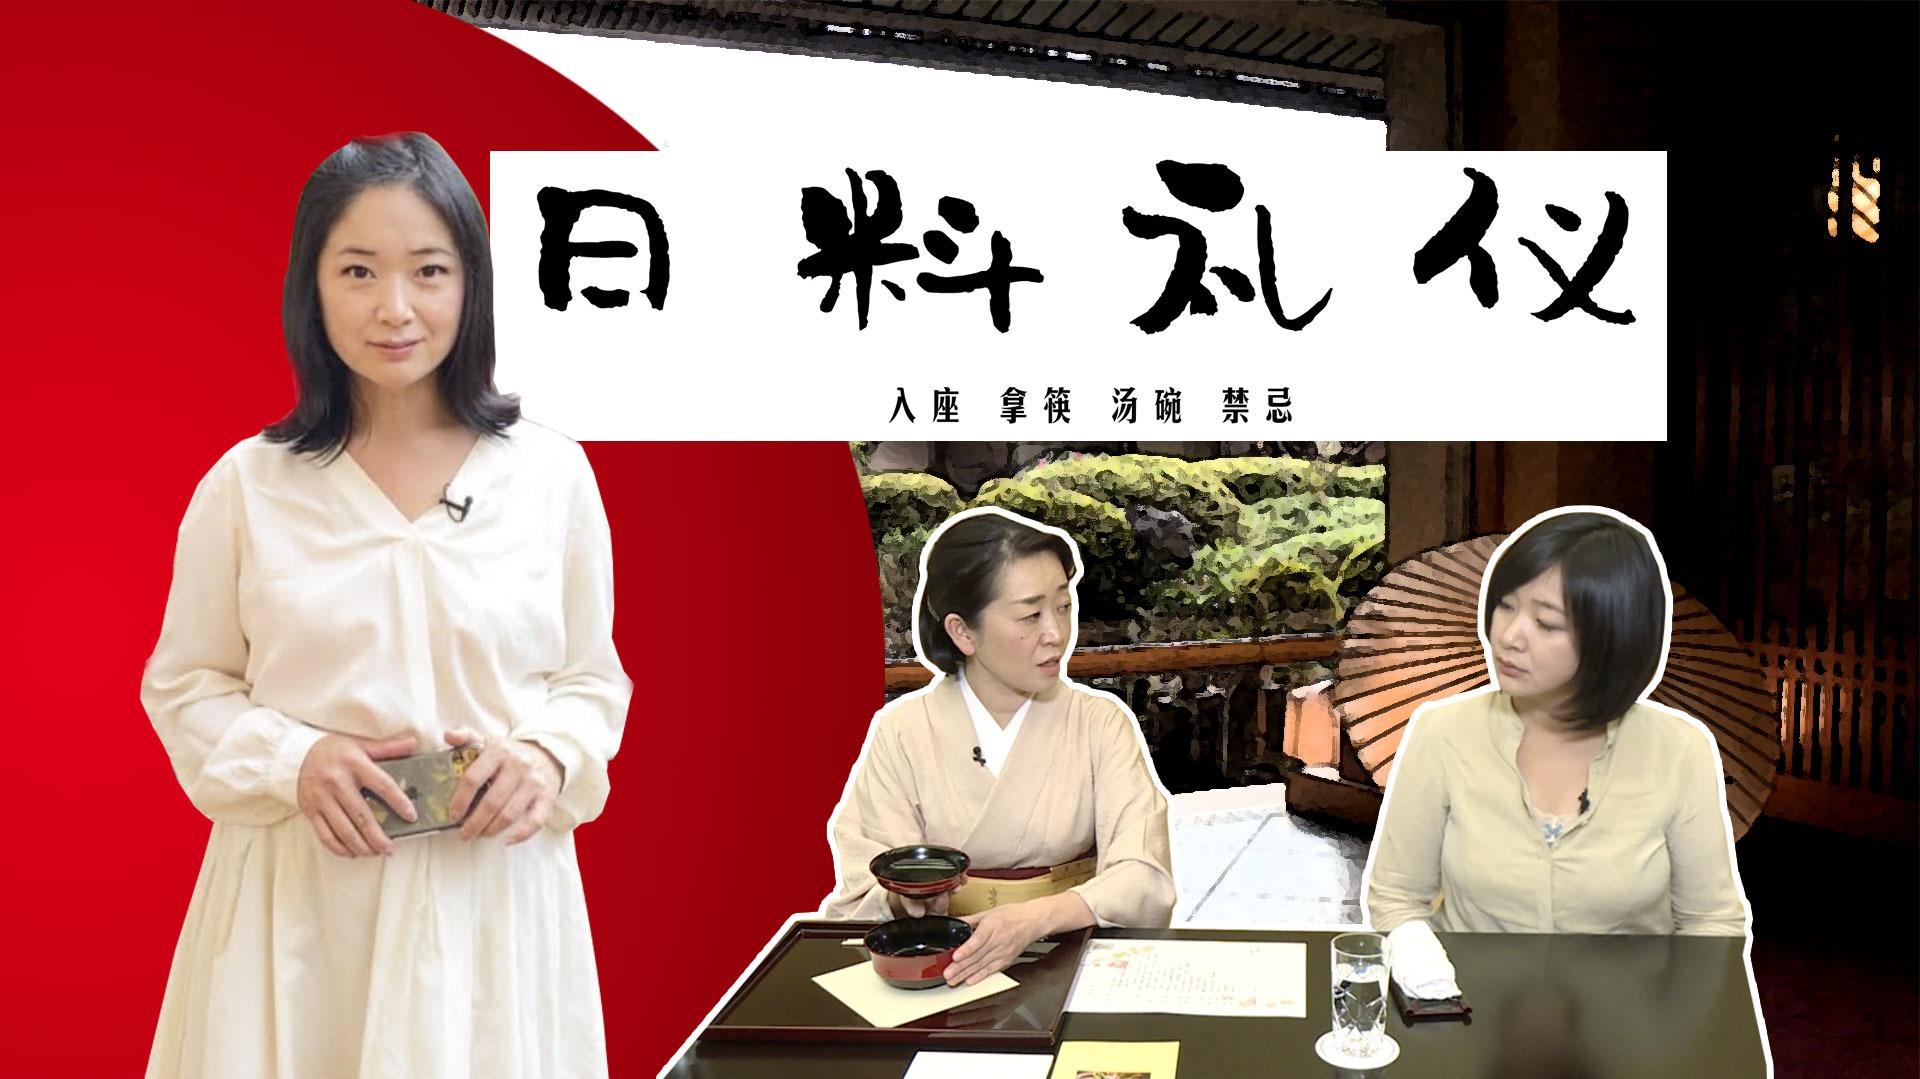 吃日料注意哪些礼仪?拿放筷子竟需要六个步骤